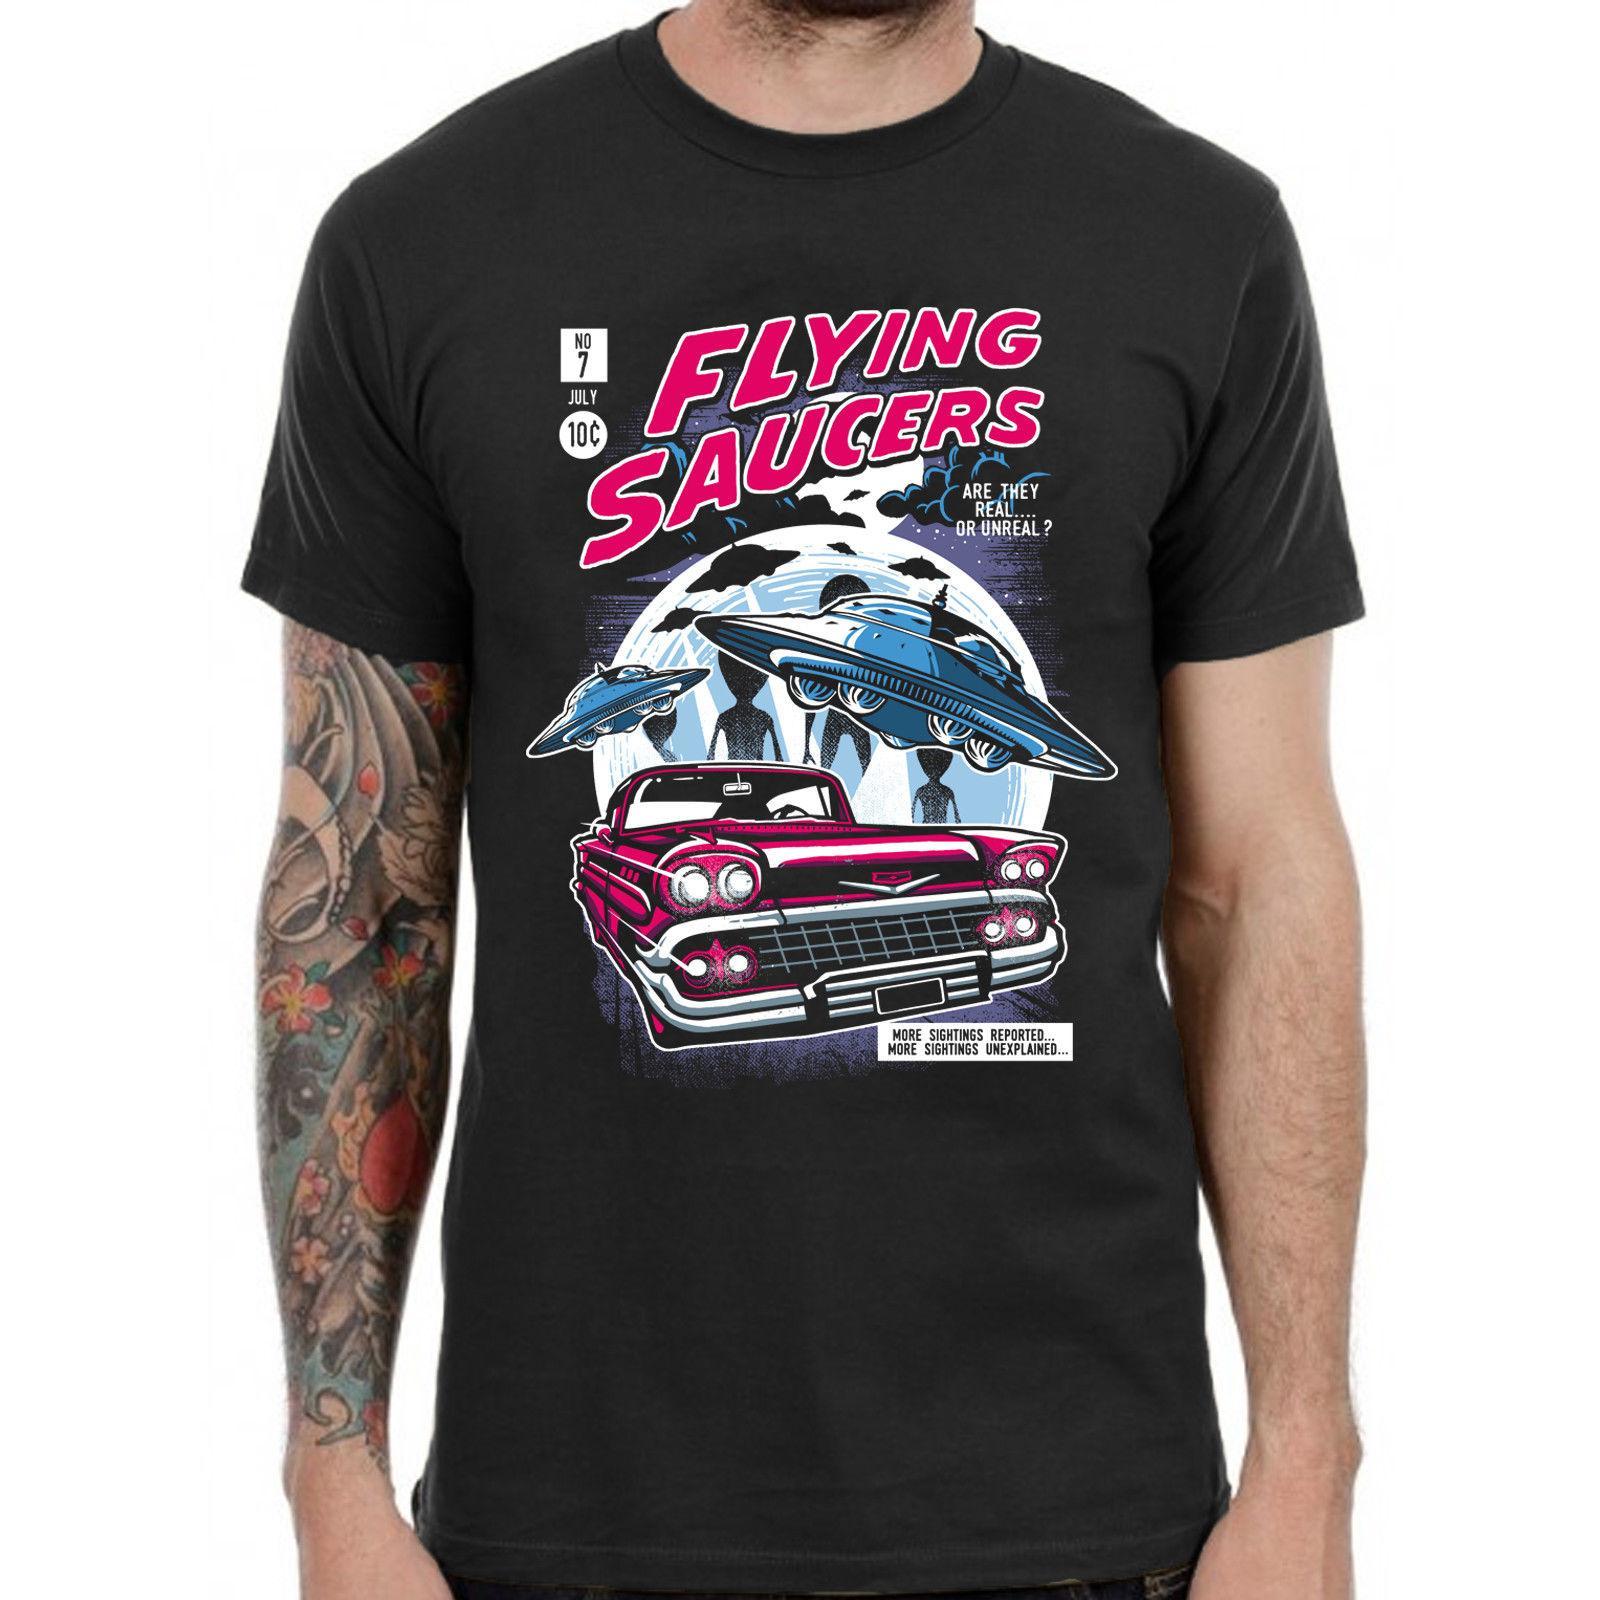 Flying Saucers Ufo Descuento al por mayor Camiseta vintage 80s Retro Grunge Rocker Skater Gamer